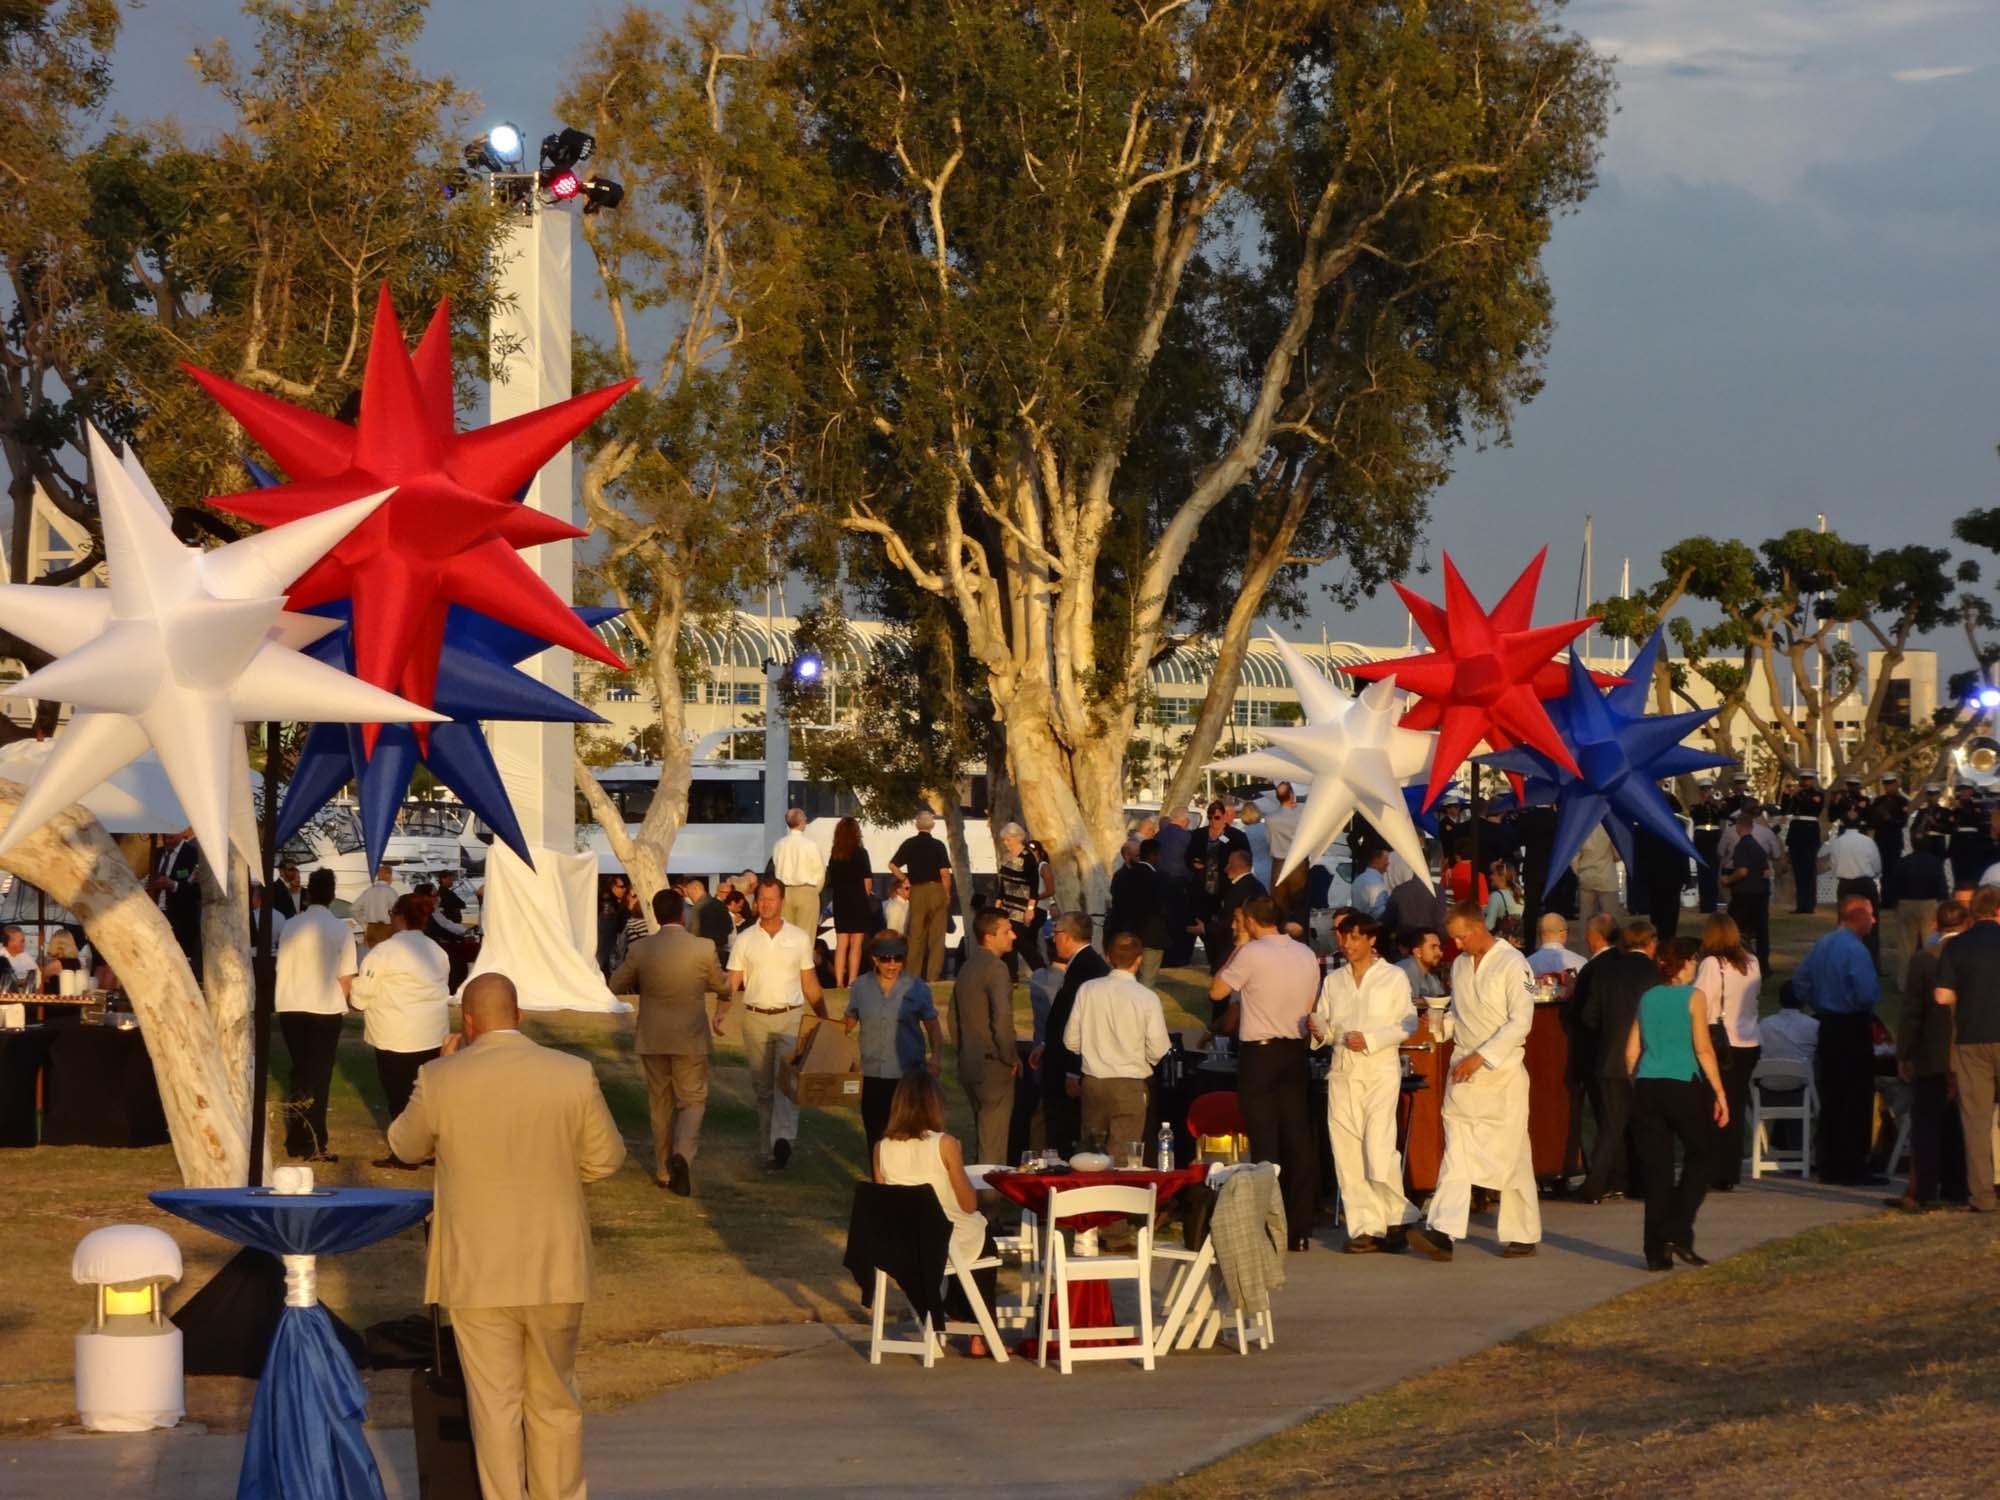 Embarcadero-Marina-Park--uai-2880x2160.jpg